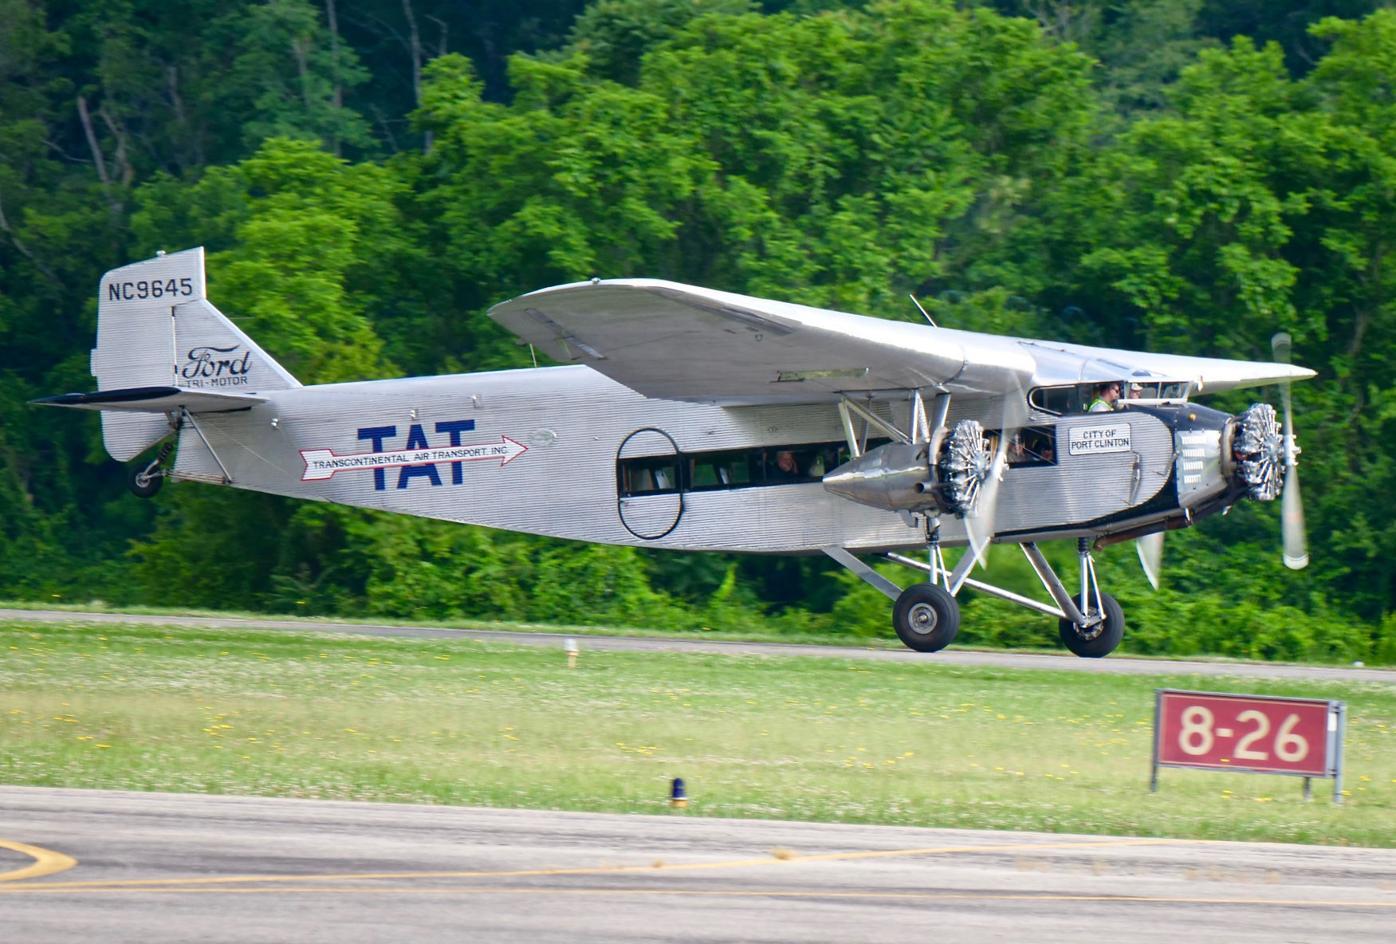 Village aviators having 'plane' fun